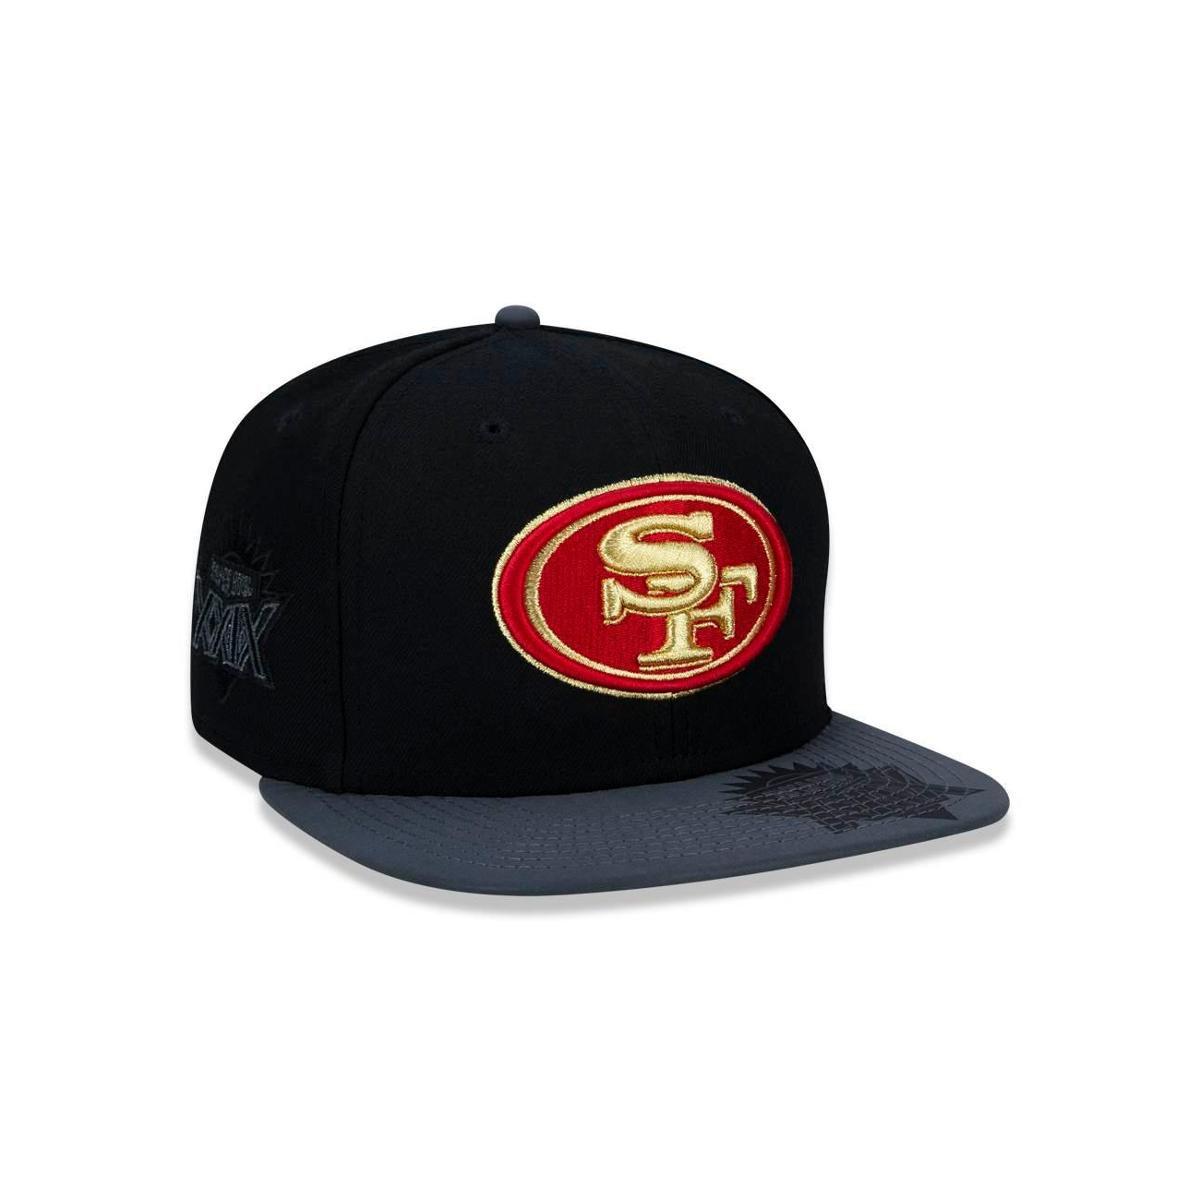 ... Boné 950 Original Fit San Francisco 49ers NFL Aba Reta Snapback New Era  ... 32e932d0aab08